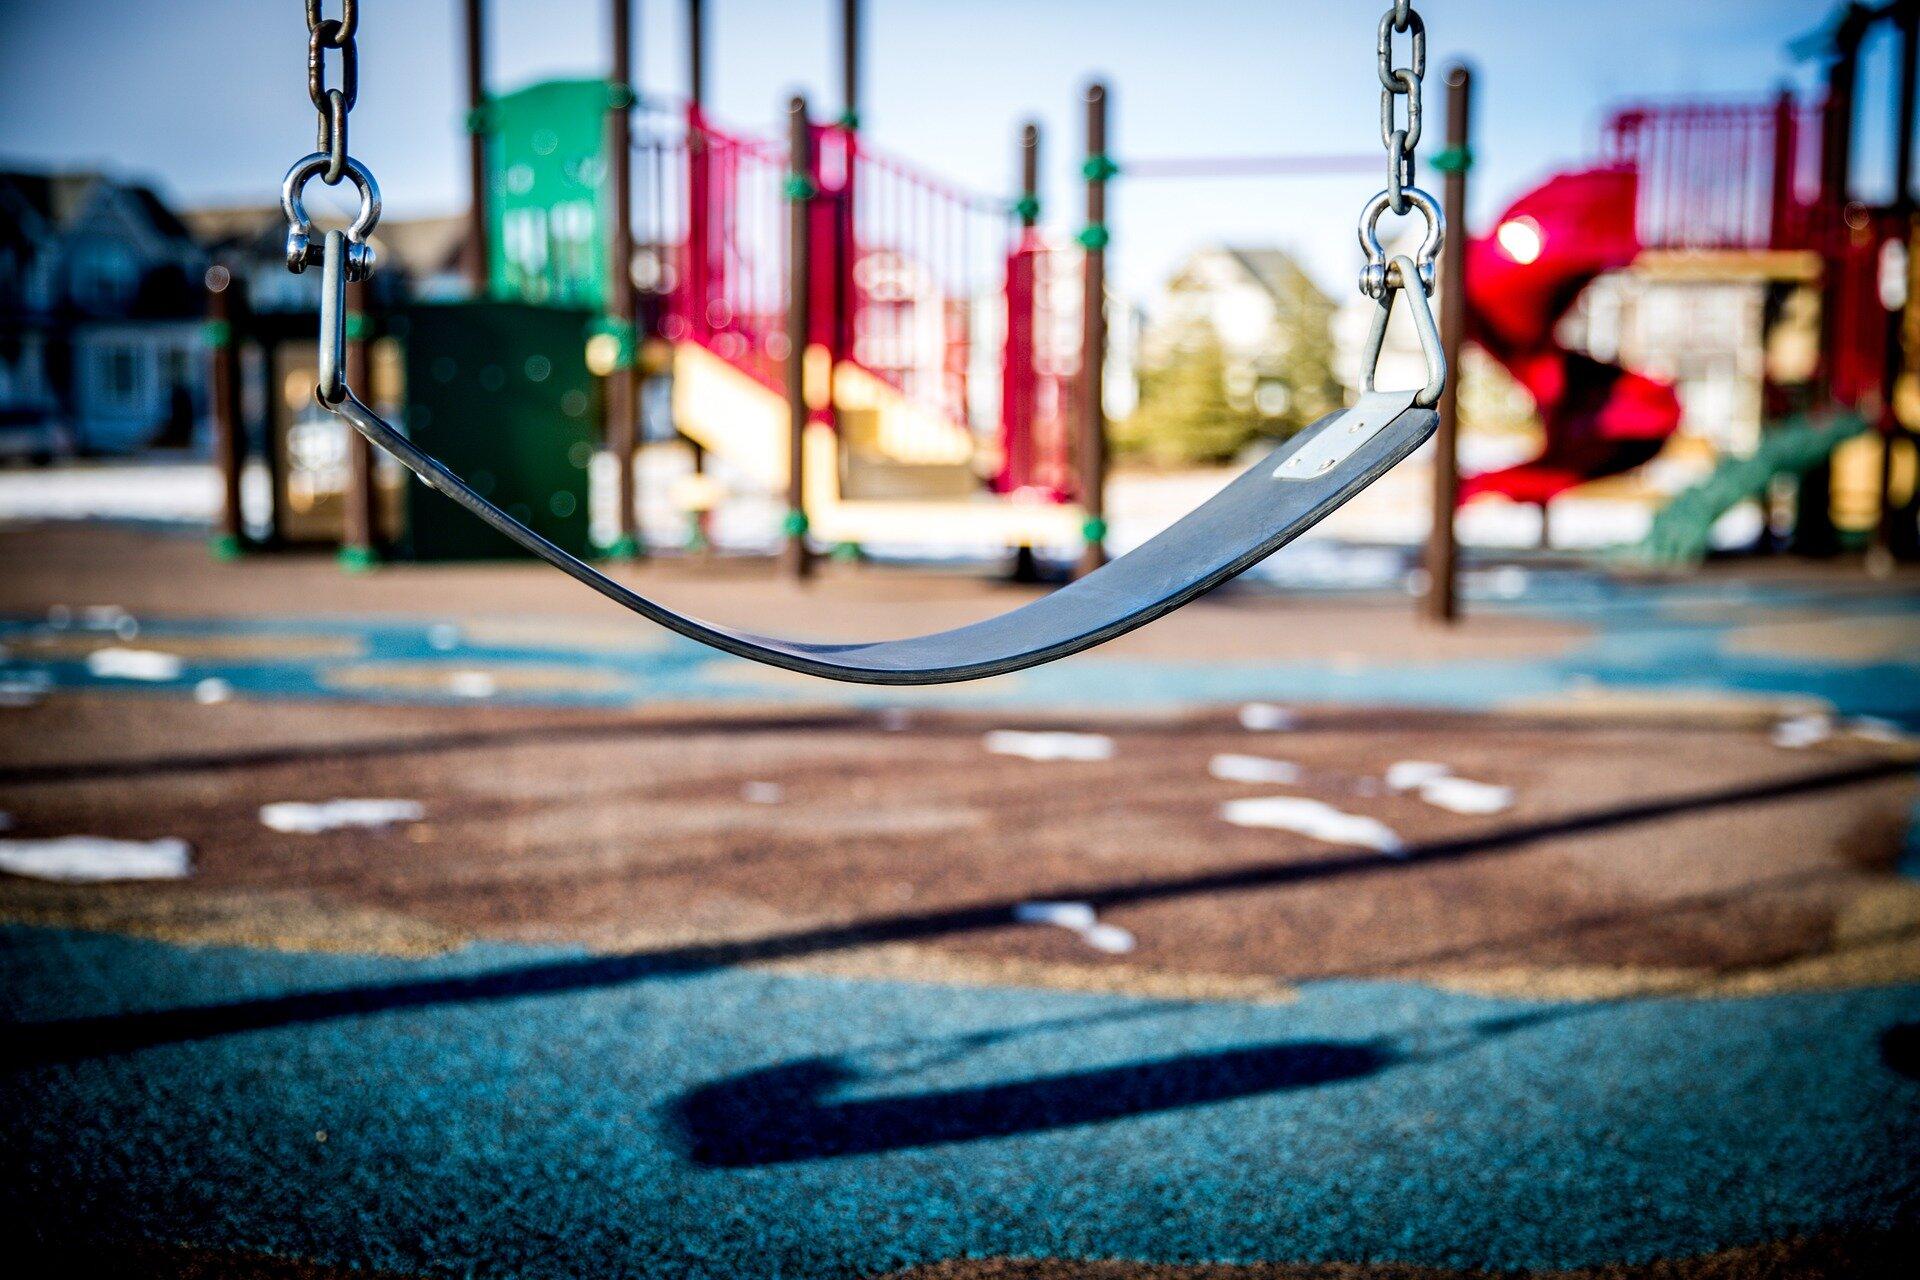 Studie zeigt, dass Kinder mehr Bewegung in der Schule als zu Hause